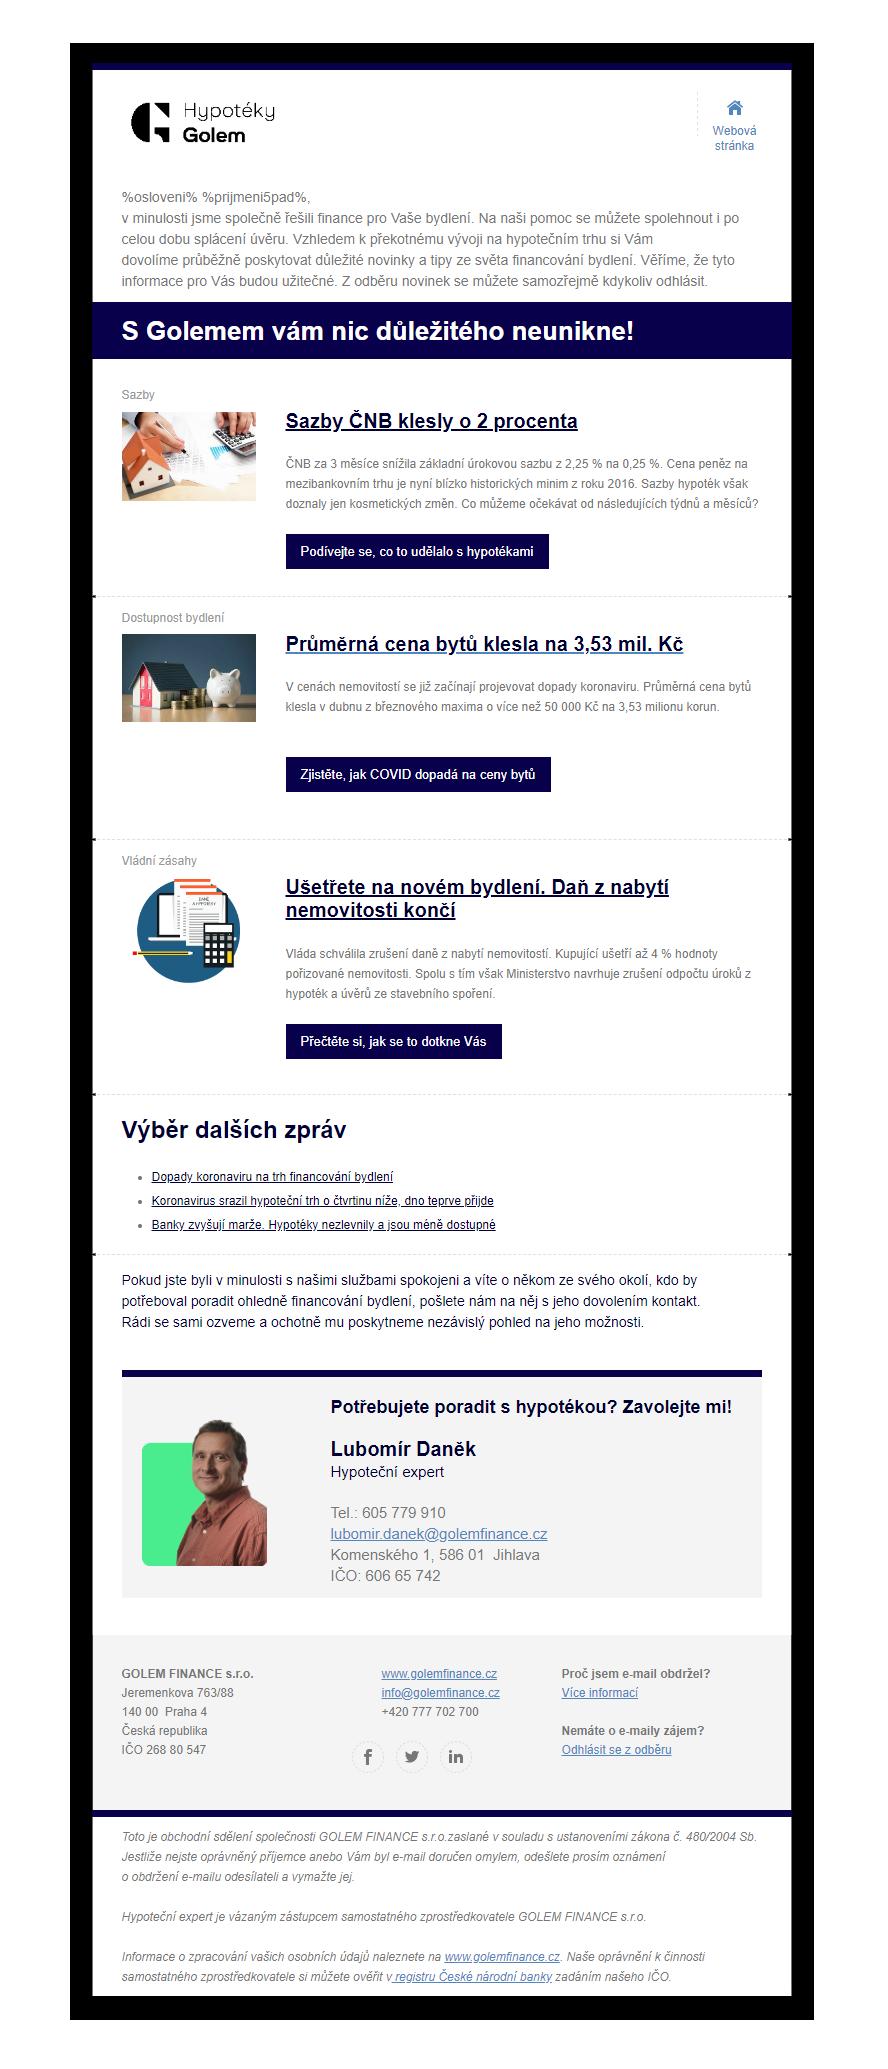 Ukázka emailových kampaní - golem finance